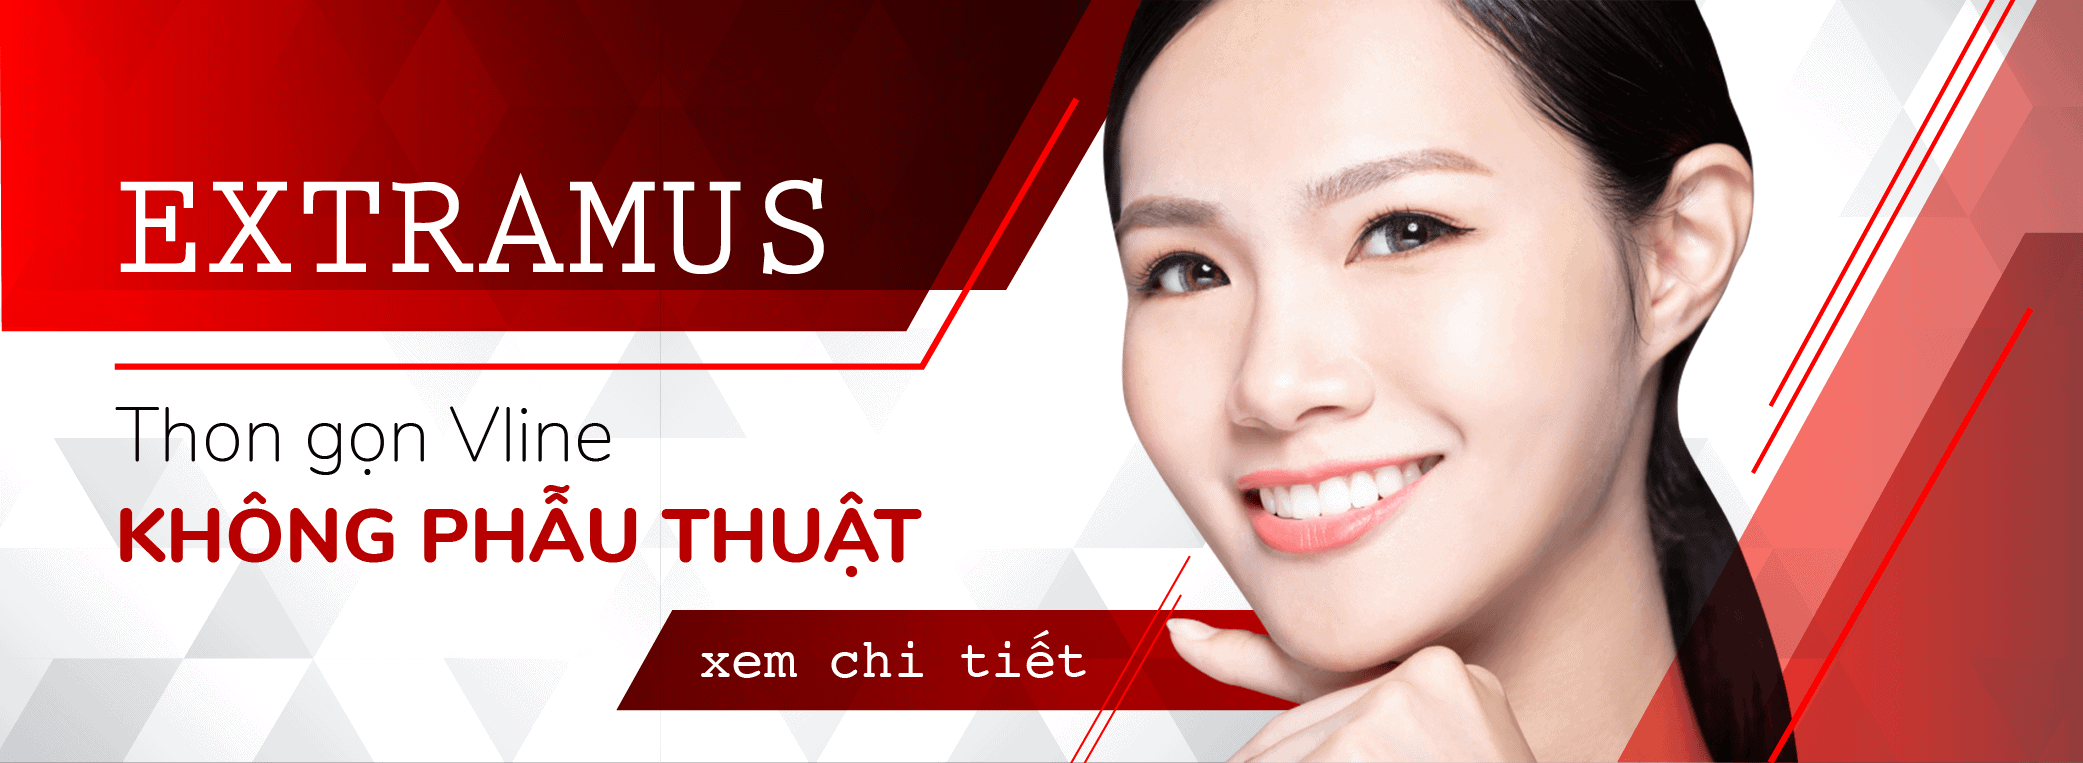 https://medcare.com.vn/extramus-thon-gon-vline-toan-mat/